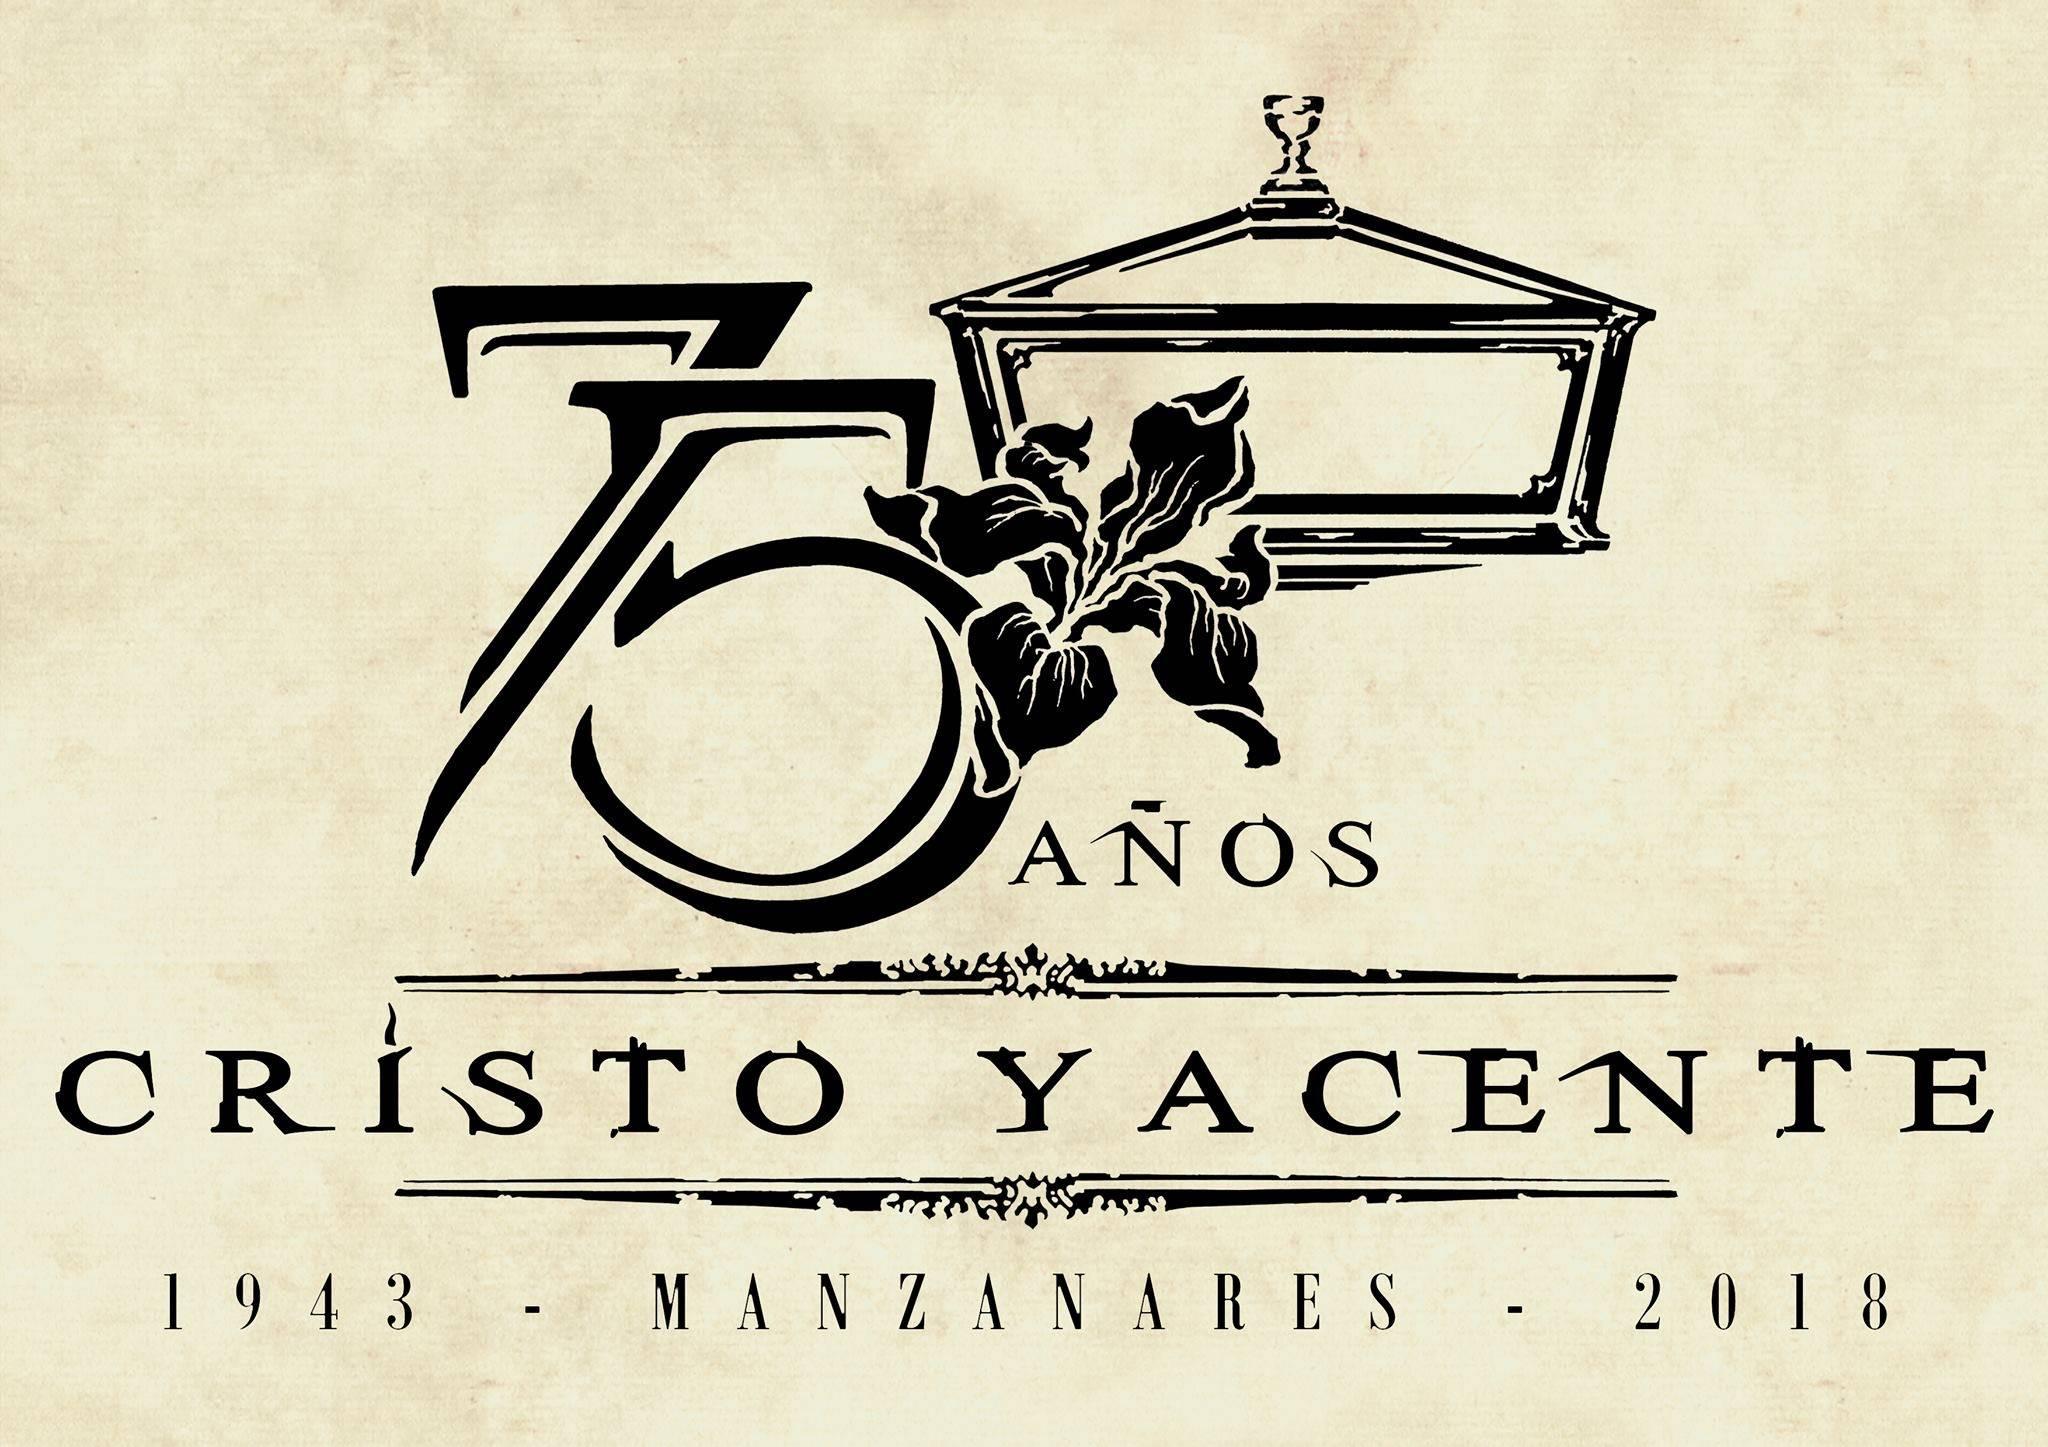 Rafael Garrigós realiza el logo conmemorativo del 75 aniversario del Cristo Yacente de Manzanares 3